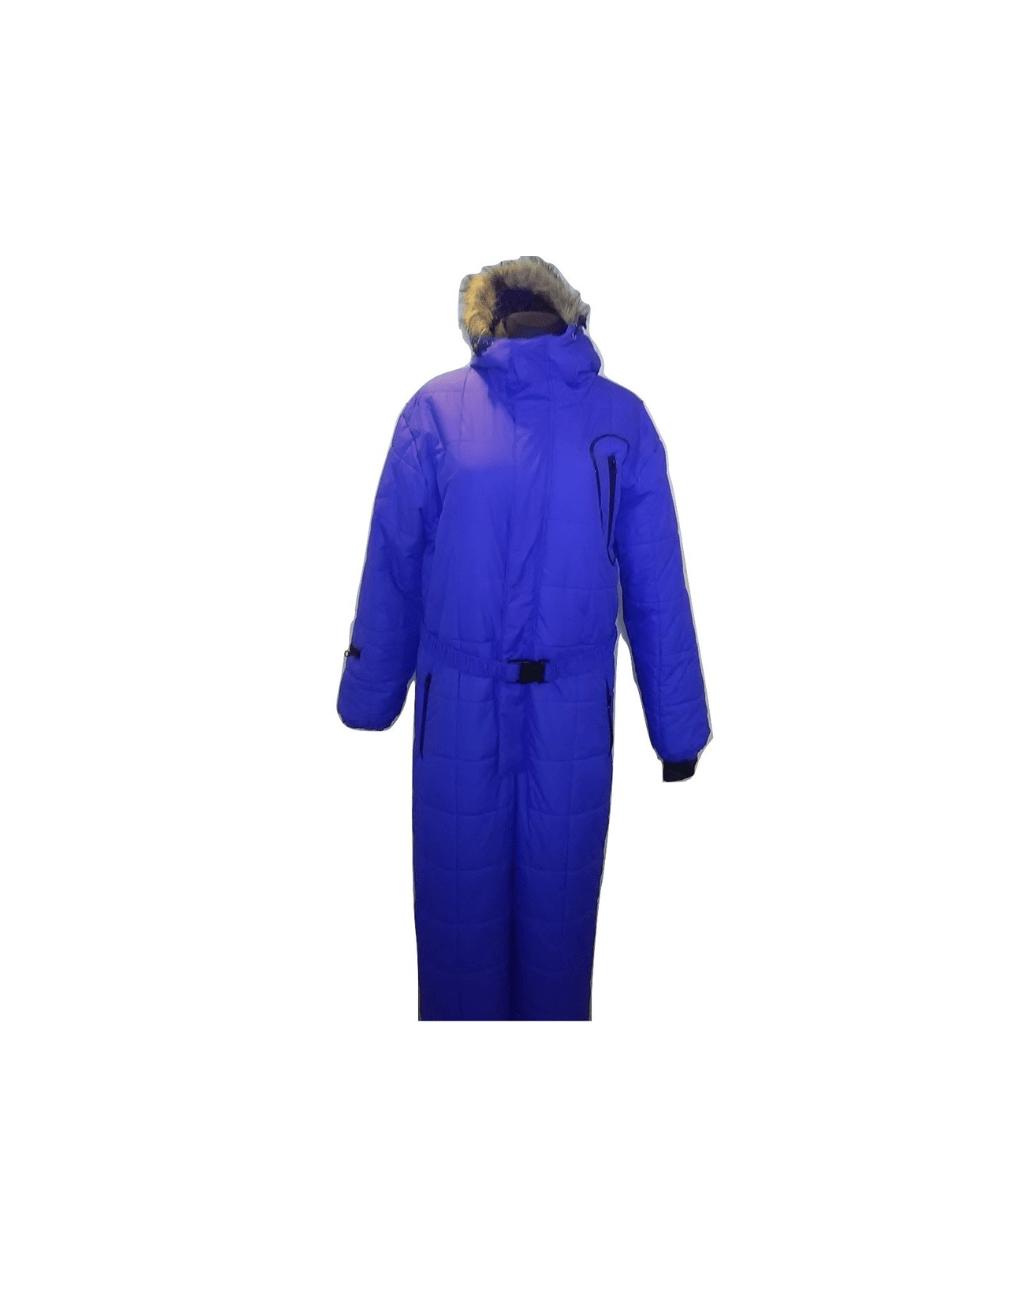 Mėlynas kombinezonas, L dydis